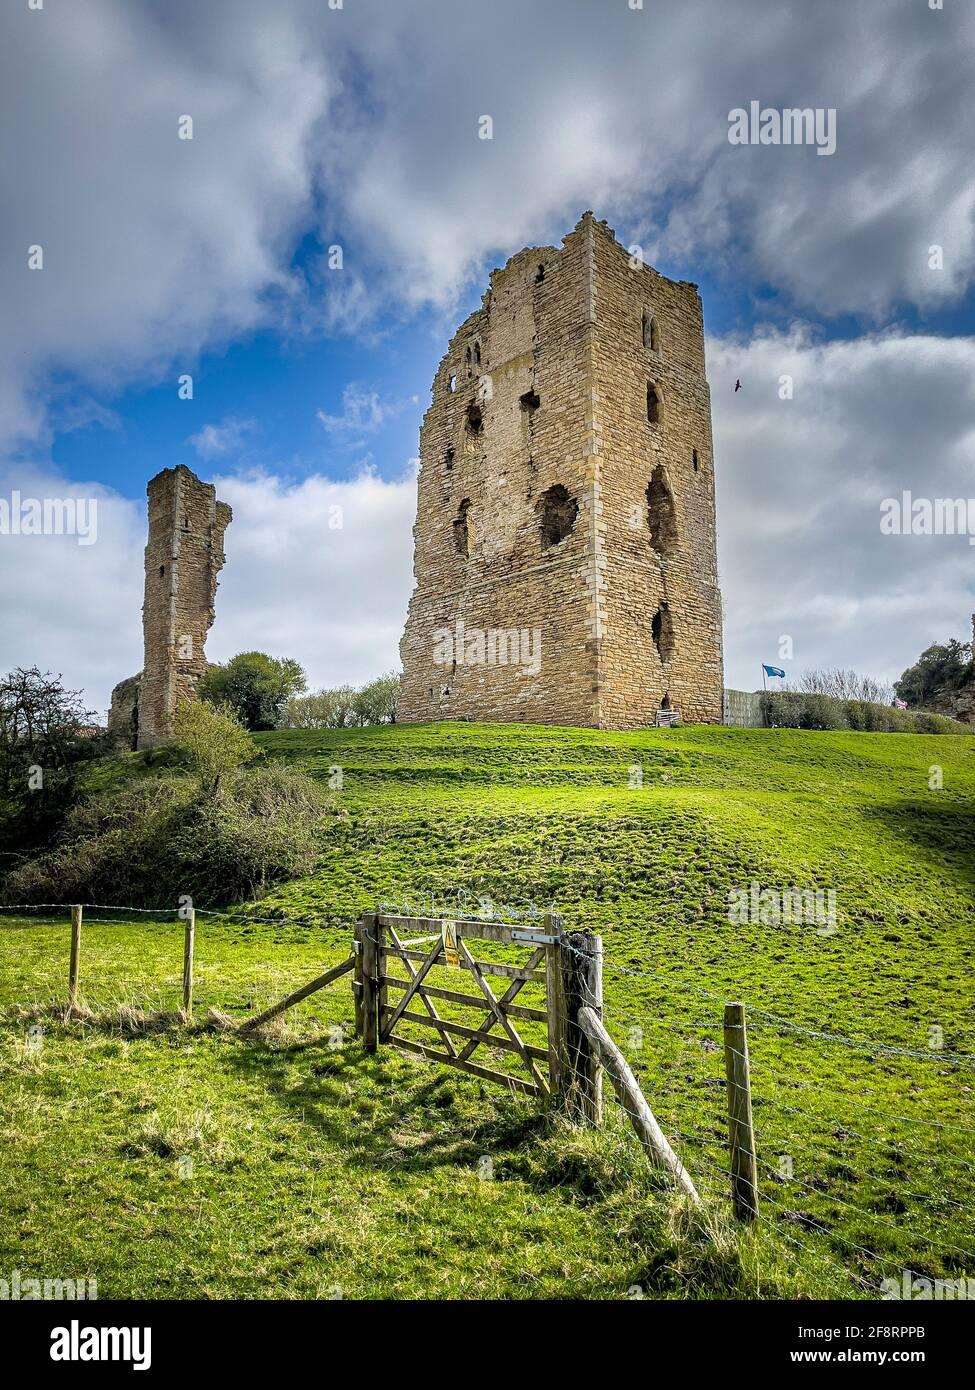 Sheriff Hutton Castle, Sherif Hutton, vicino York, Regno Unito. Foto Stock